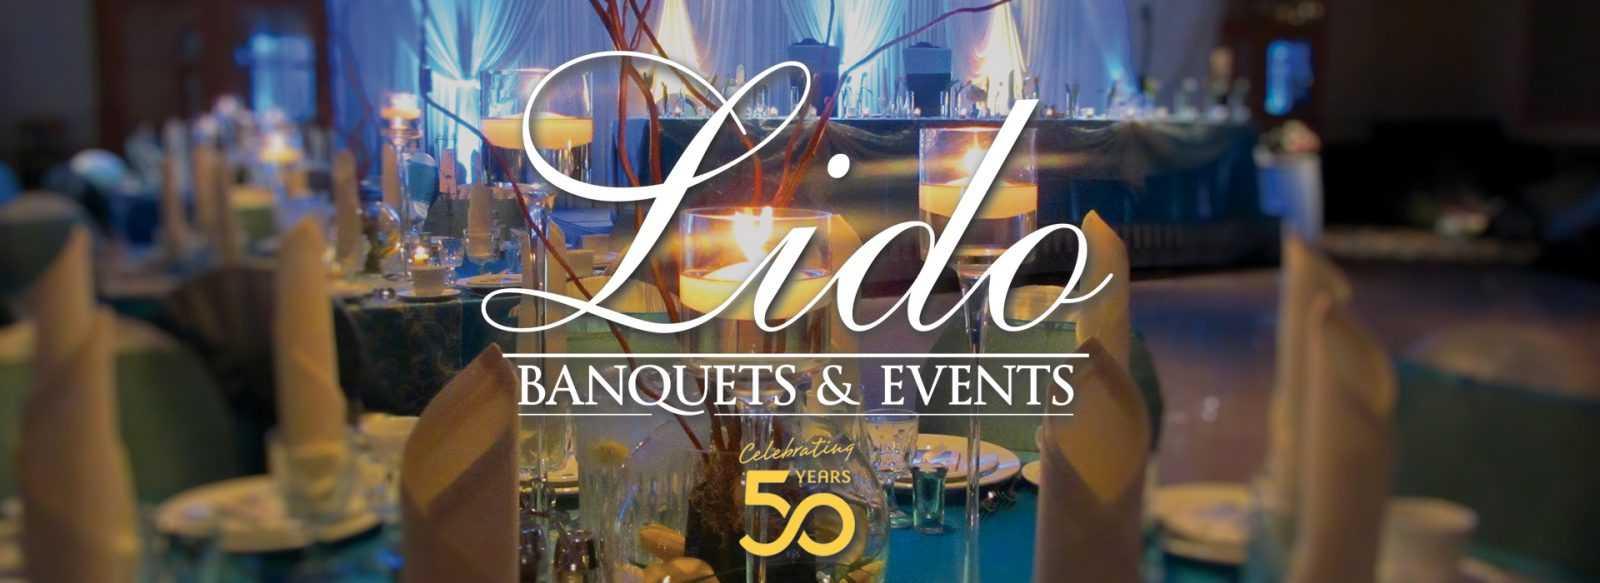 lido-banquets-events